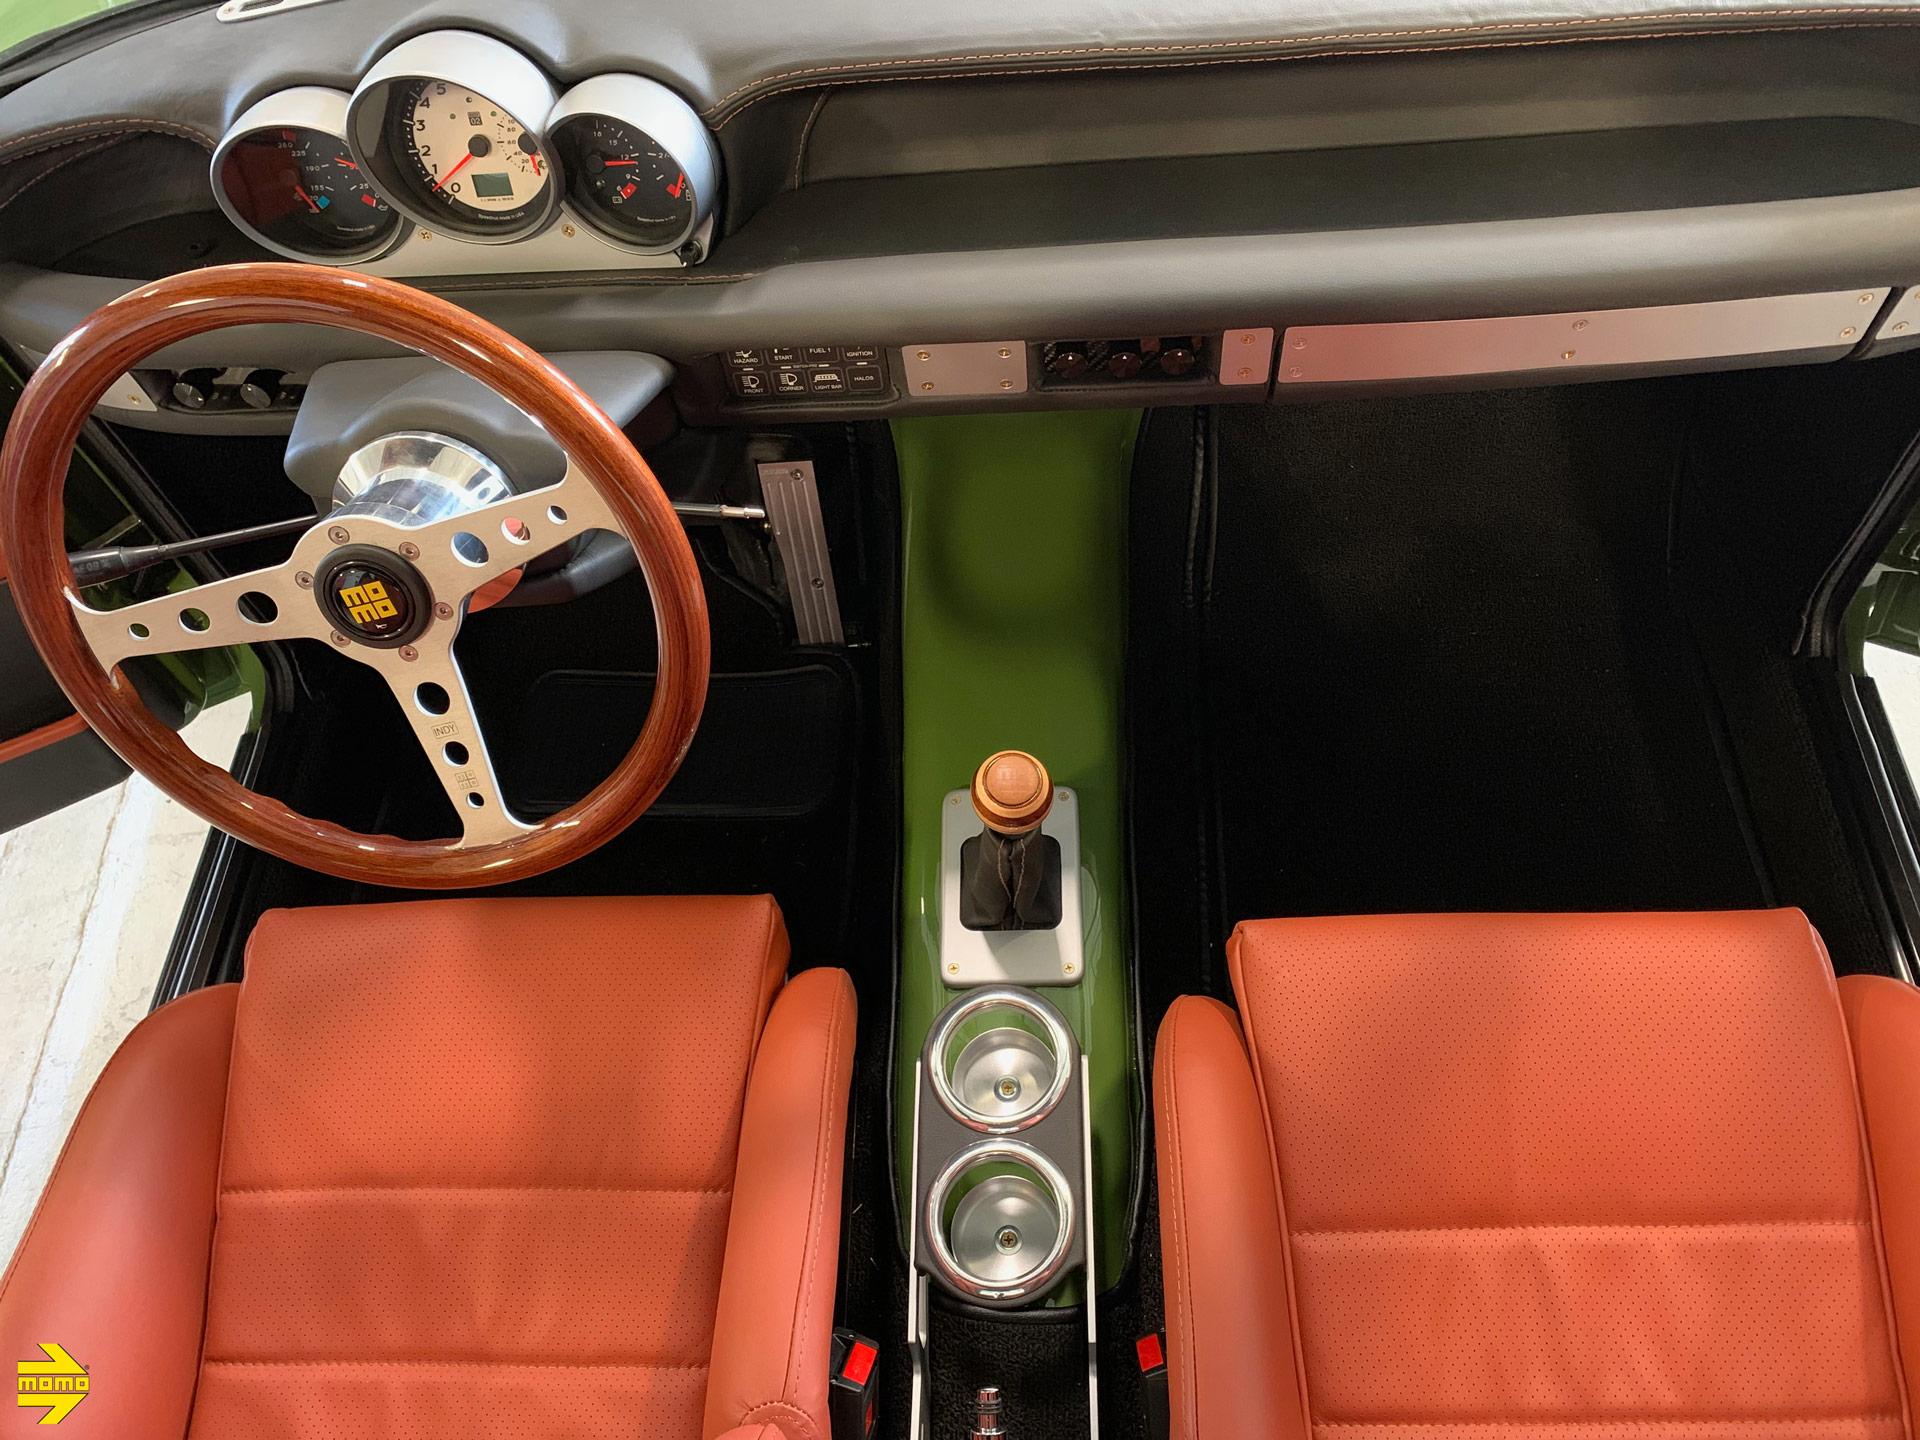 BMW 2002 - Momo Heritage Indy & Targa Shift Knob Steering Wheel